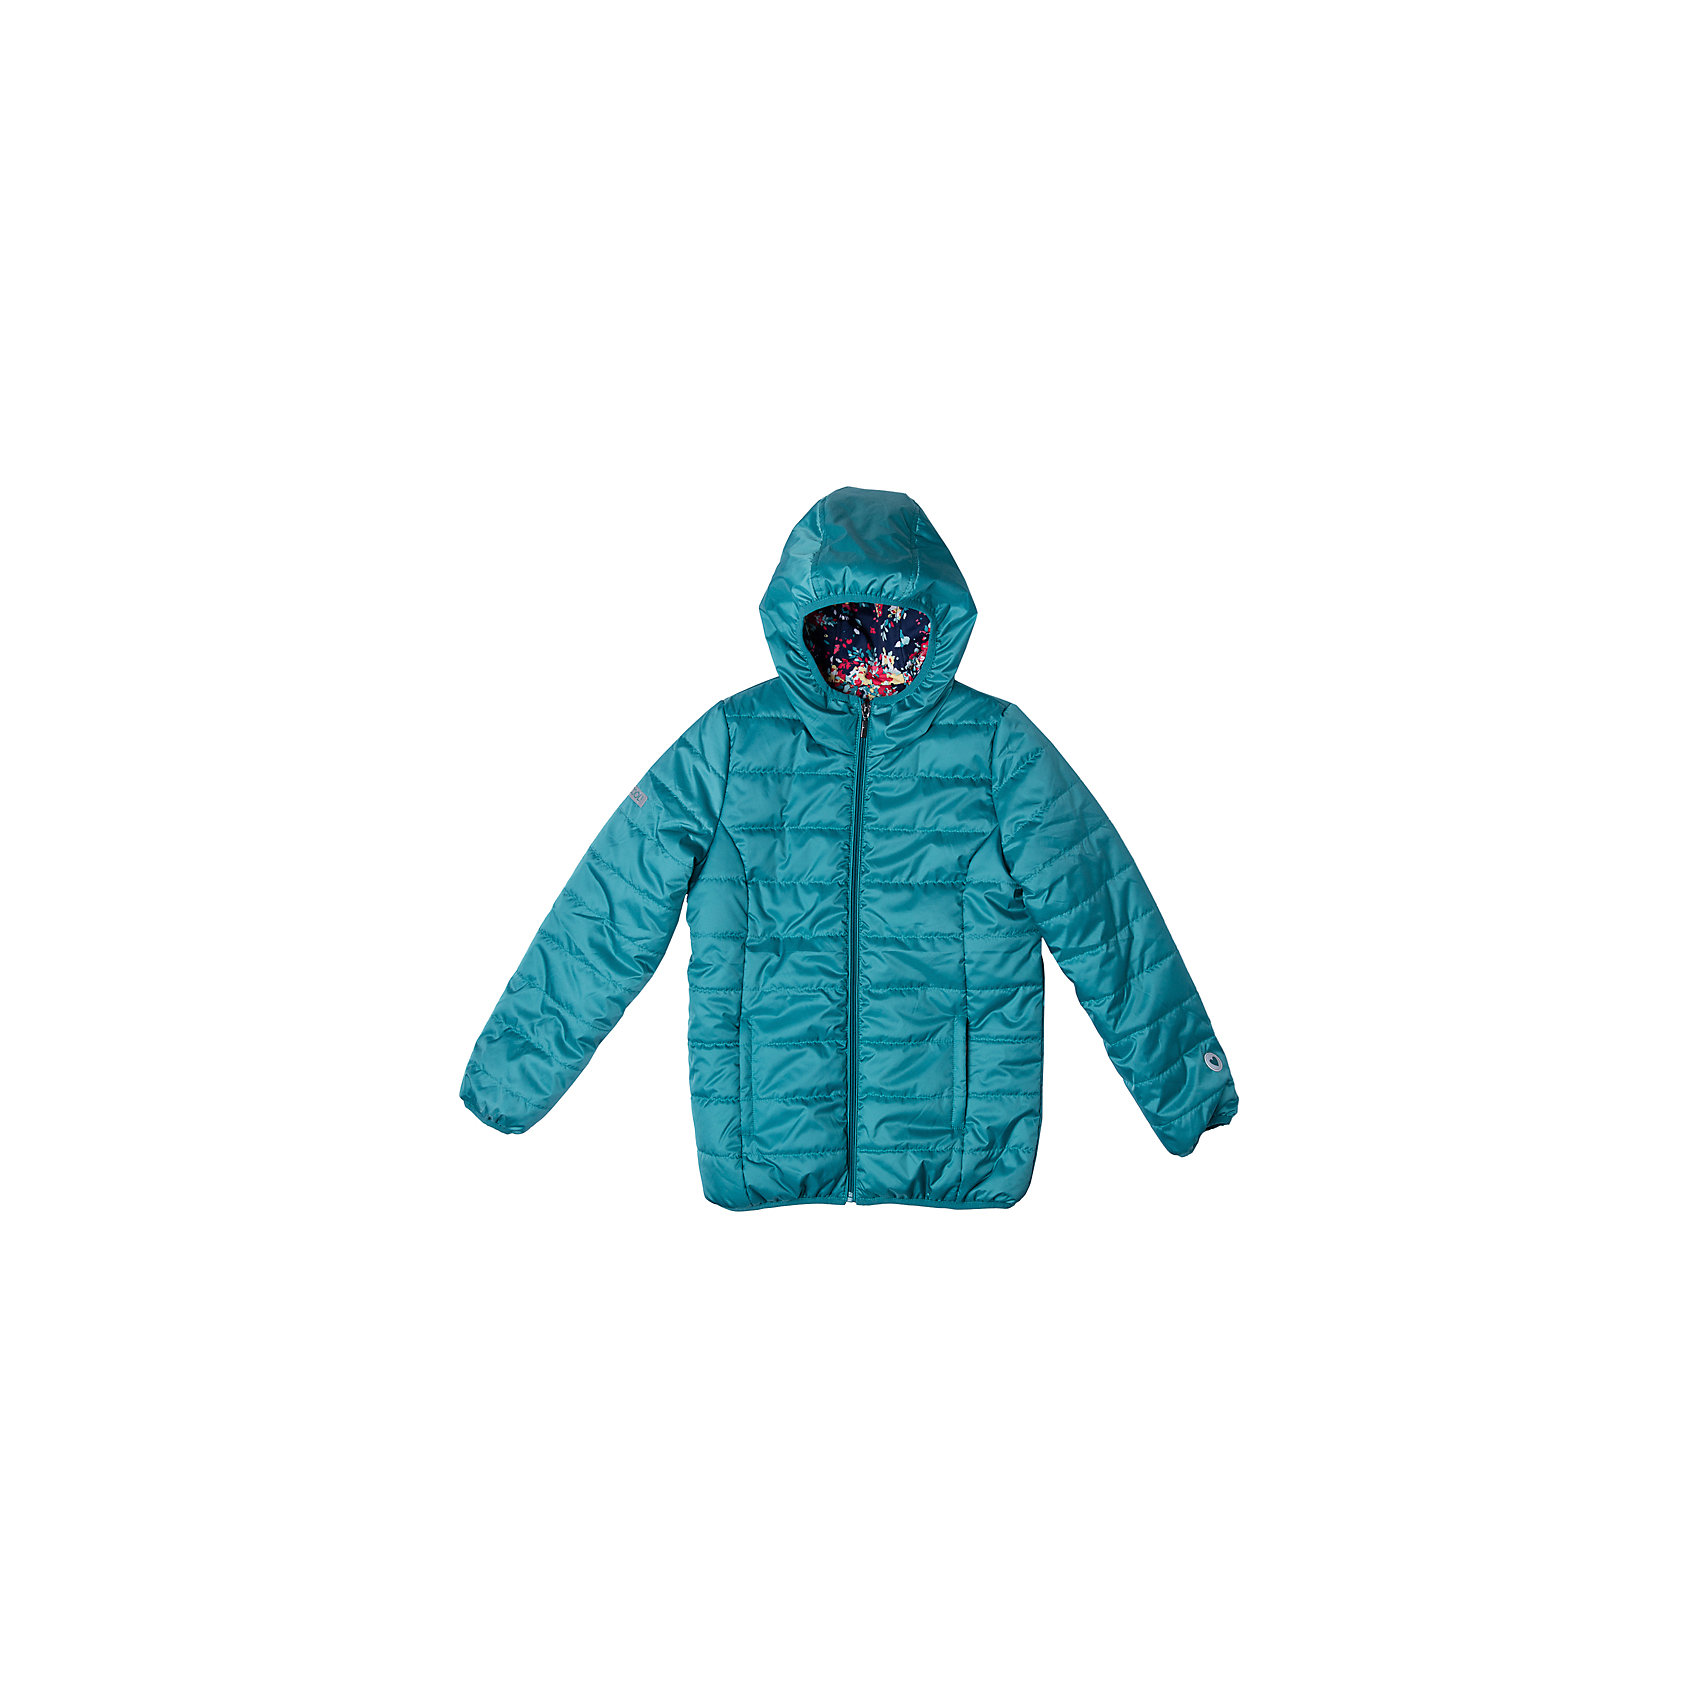 Куртка для девочки ScoolШик и блеск<br>Куртка для девочки Scool<br>Практичная стильная двусторонняя утепленная куртка  - прекрасное решение для прохладной погоды. Мягкие трикотажные резинки на рукавах защитят Вашего ребенка - ветер не сможет проникнуть под куртку.  Светоотражатели по низу изделия и на рукаве позволят видеть Вашего ребенка в темное время суток. Капюшон на мягкой резинке, даже во время сильного ветрра иди активных игр, капюшон не упадет с головы ребенка.Преимущества: Водоооталкивающая пропиткаСветооражательКапюшон на мягкой резинке<br>Состав:<br>Верх: 100% полиэстер, Подкладка: 100% полиэстер, Наполнитель: 100% полиэстер, 150 г/м2<br><br>Ширина мм: 356<br>Глубина мм: 10<br>Высота мм: 245<br>Вес г: 519<br>Цвет: разноцветный<br>Возраст от месяцев: 96<br>Возраст до месяцев: 108<br>Пол: Женский<br>Возраст: Детский<br>Размер: 134,164,158,152,146,140<br>SKU: 5406855